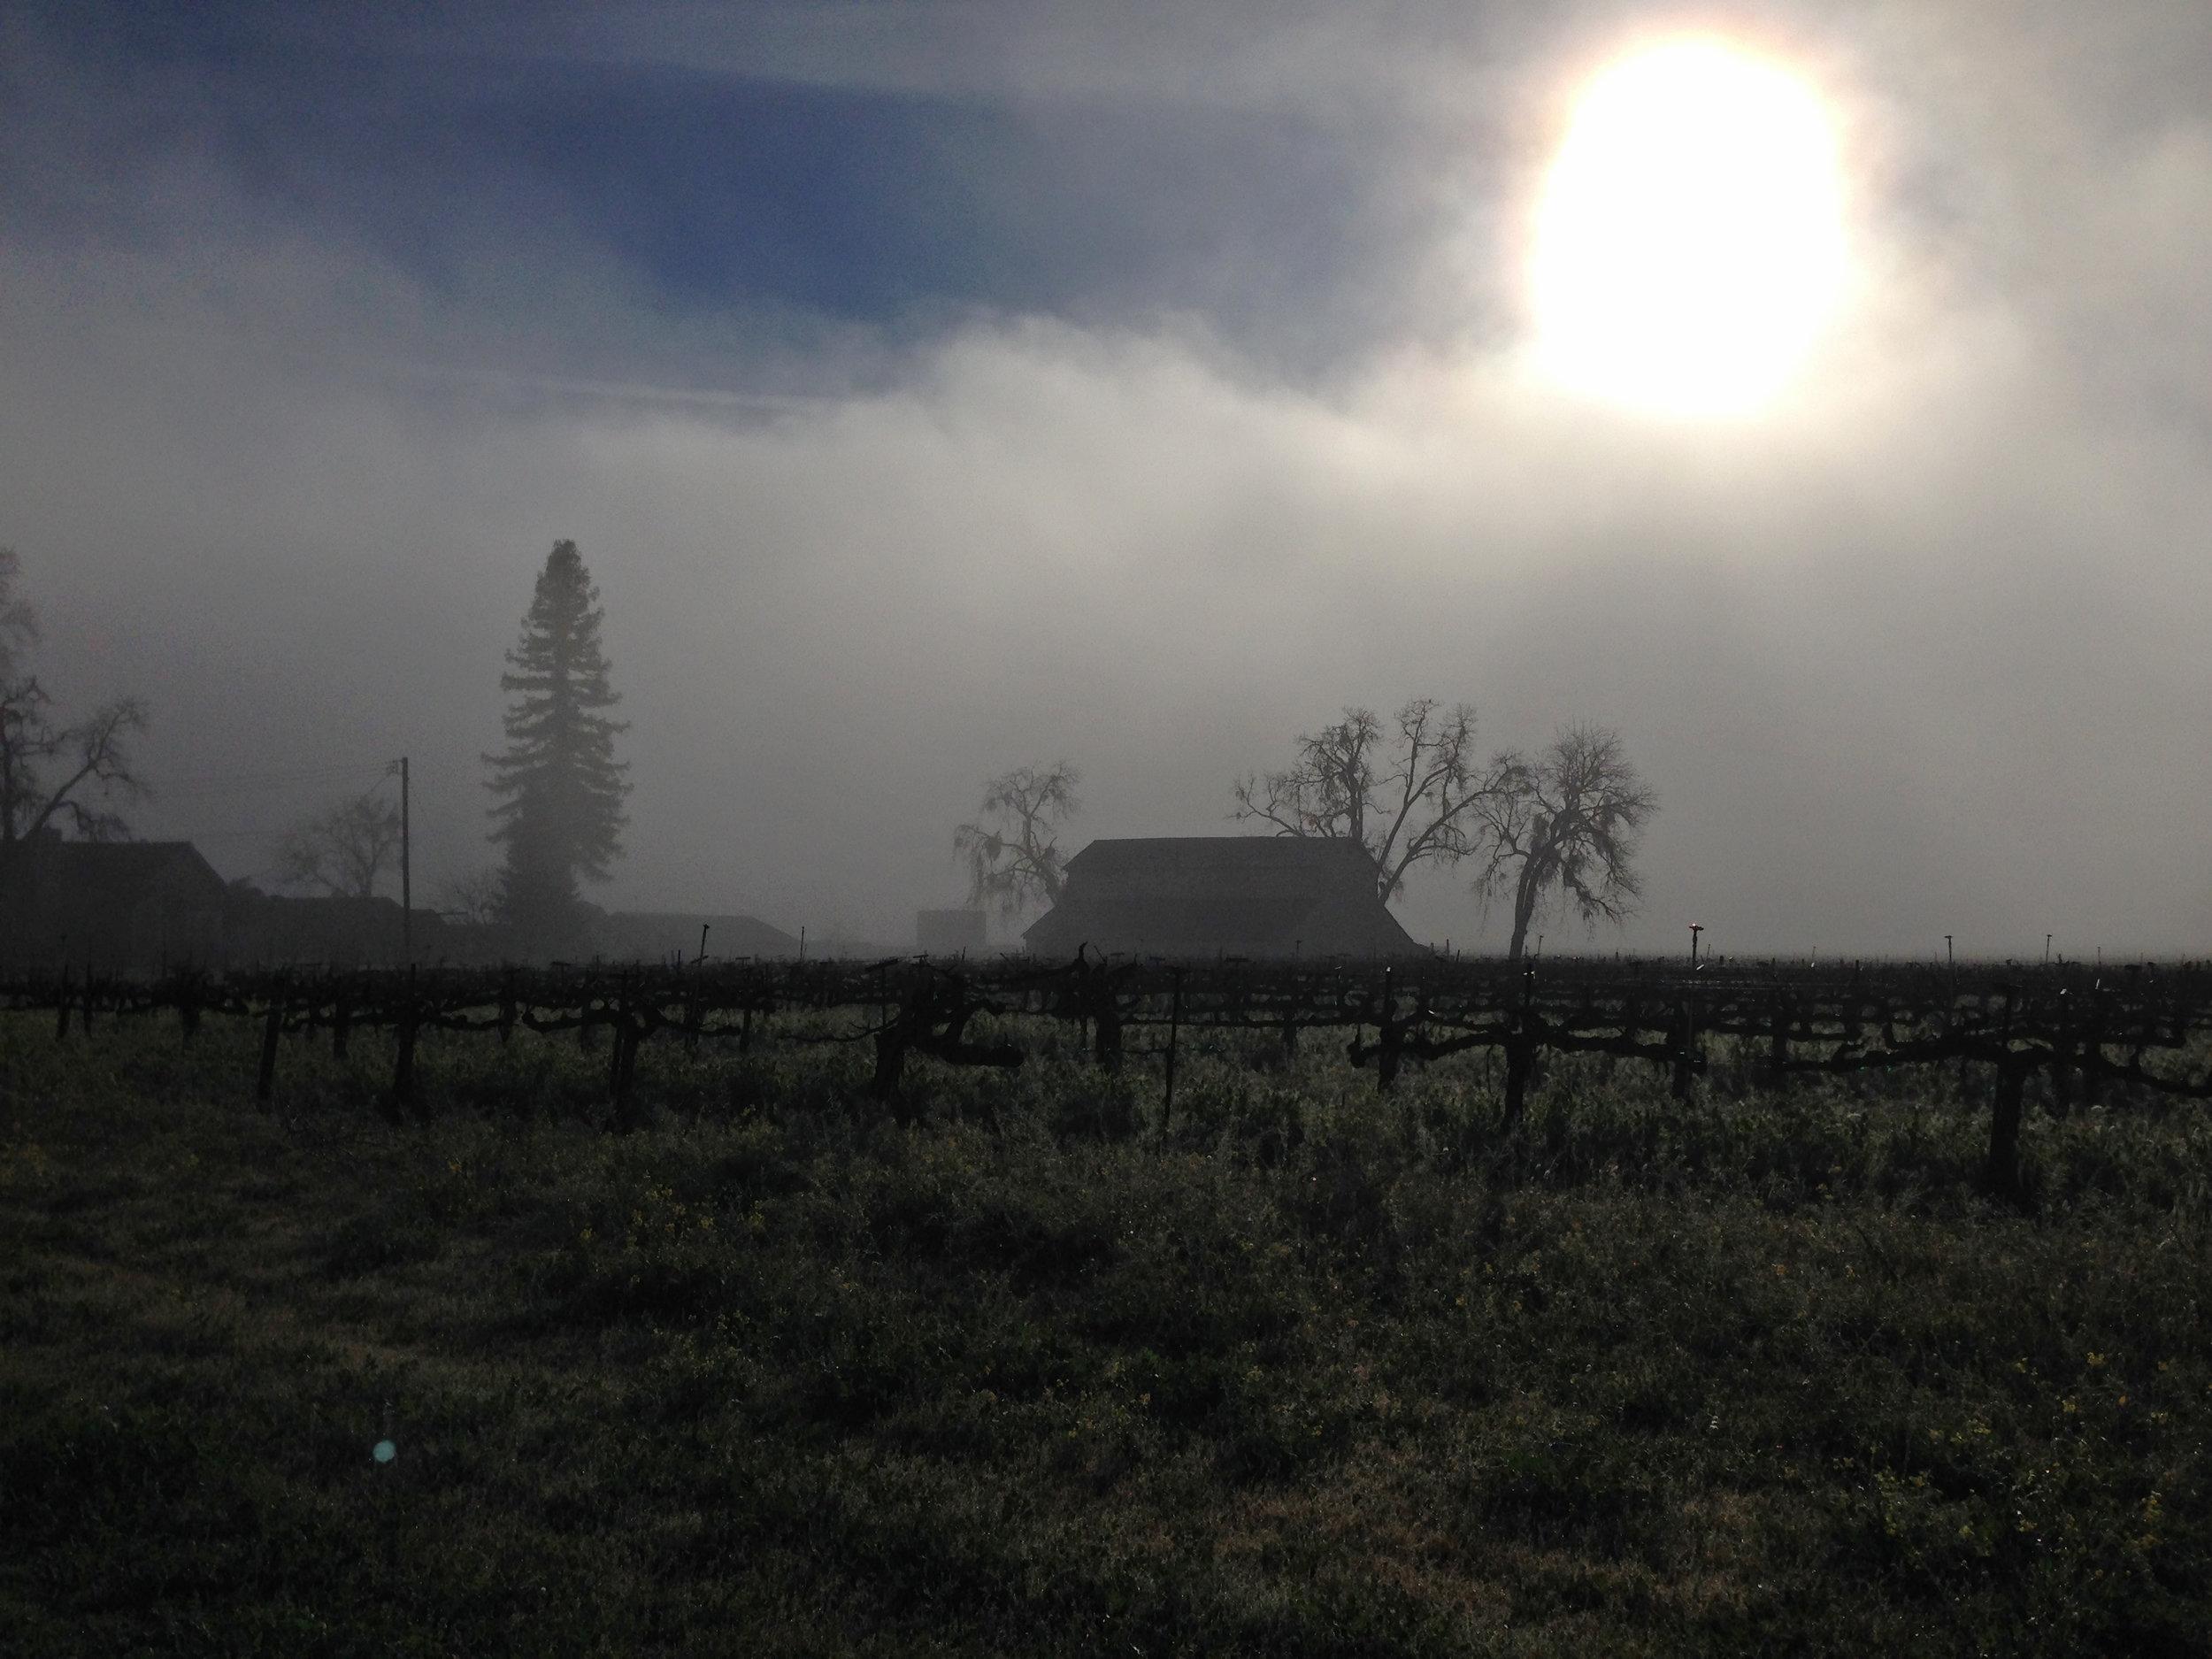 Wafting morning fog on Oakville Road